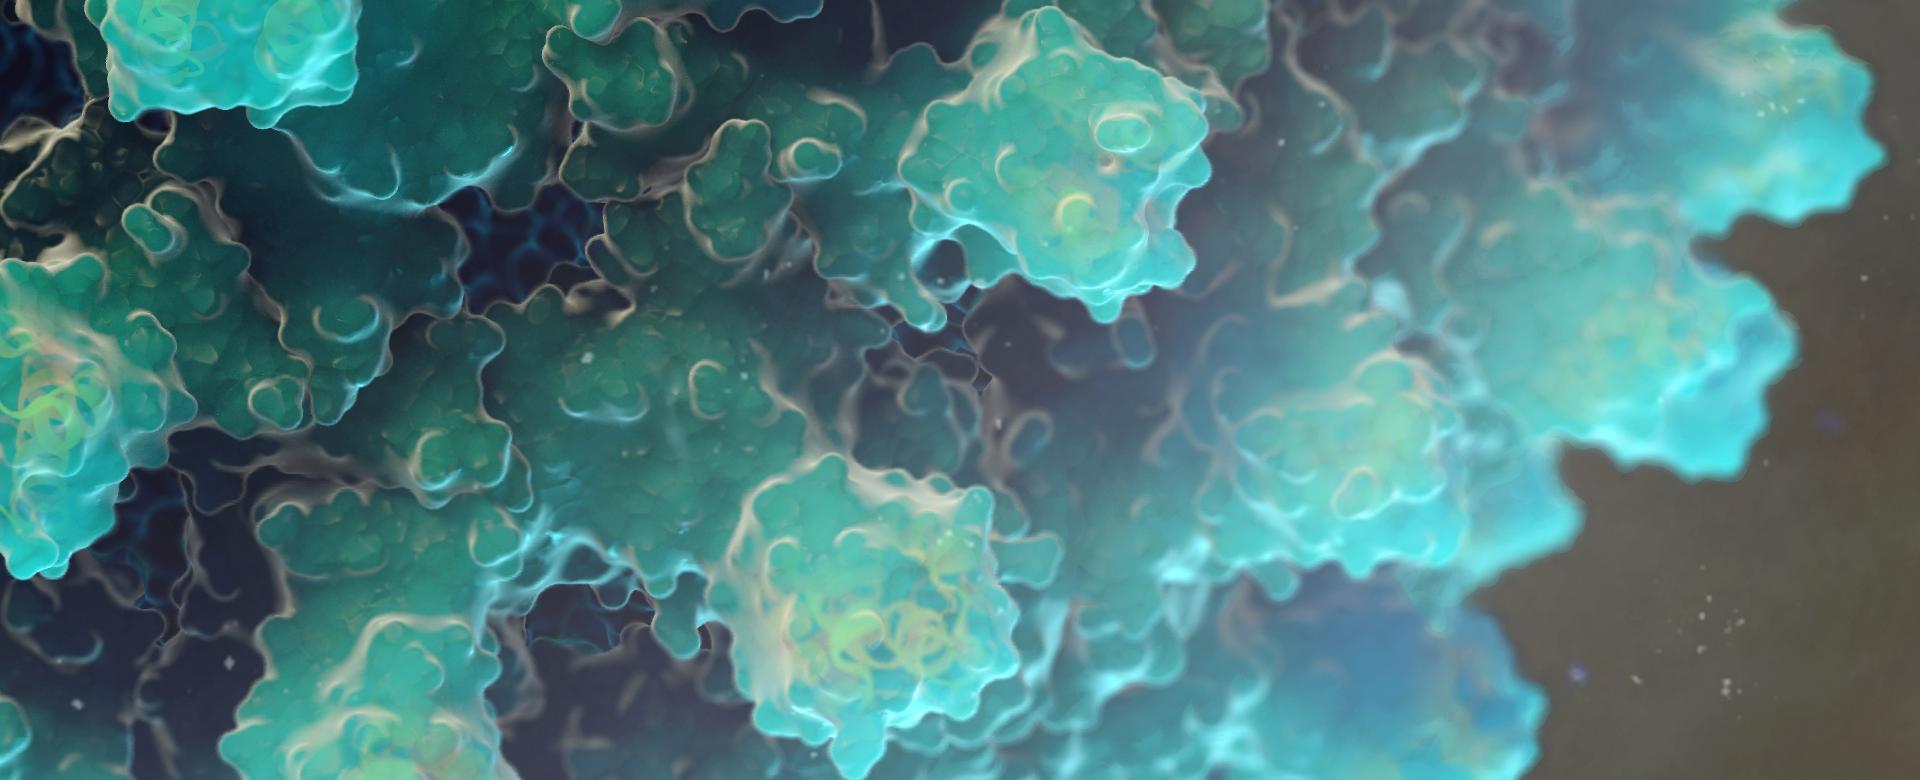 HBV Virus 3D Render